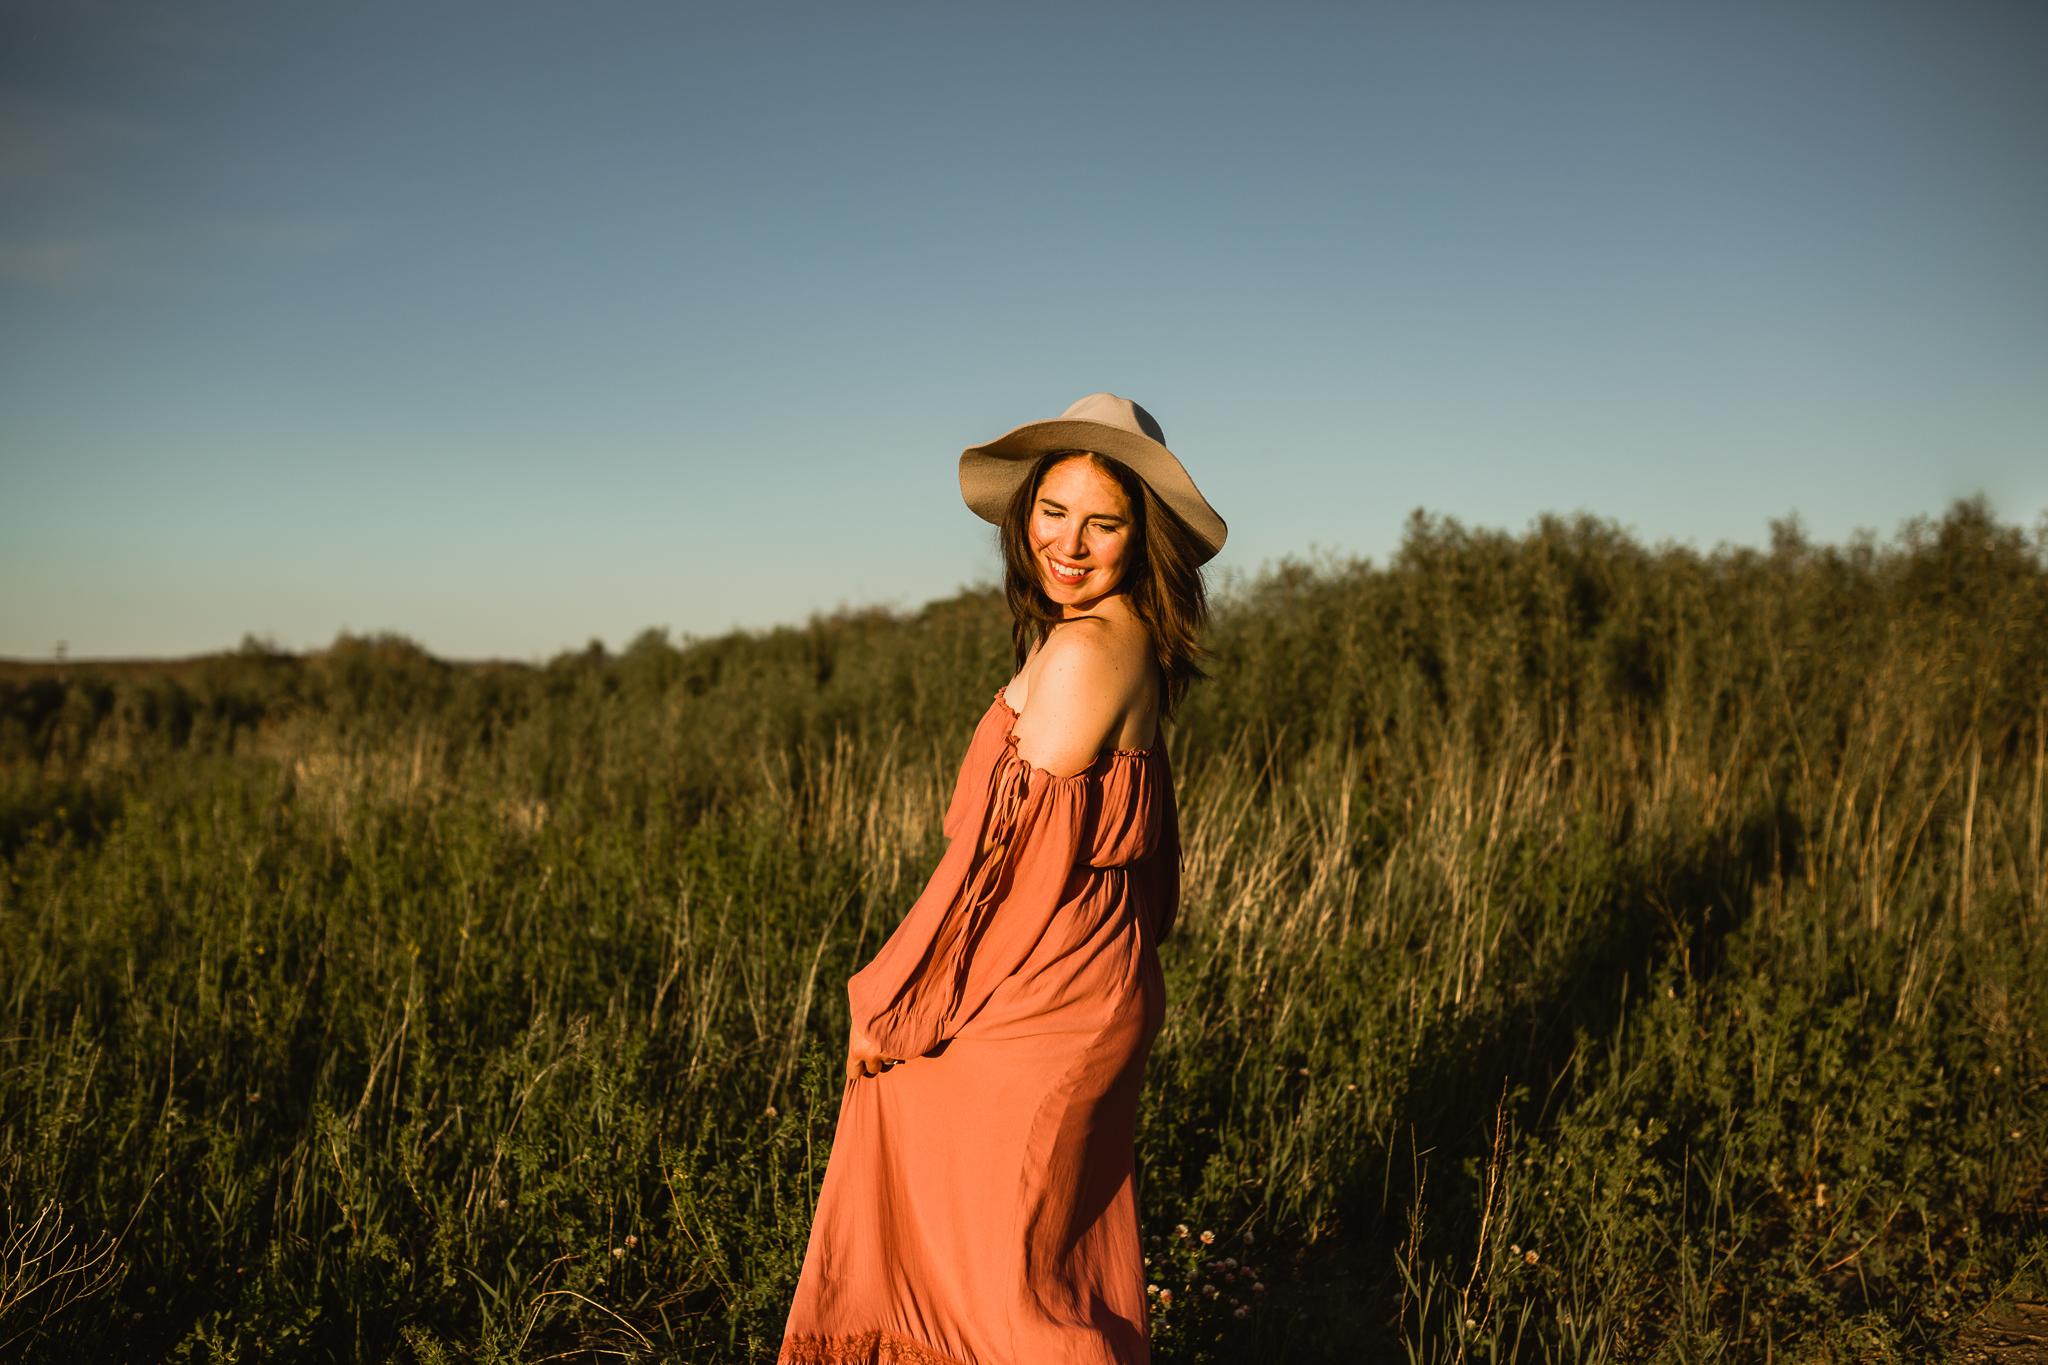 Alina-Joy-Photography-Cold-Lake-Lifestyle-Photographer-2-29.jpg